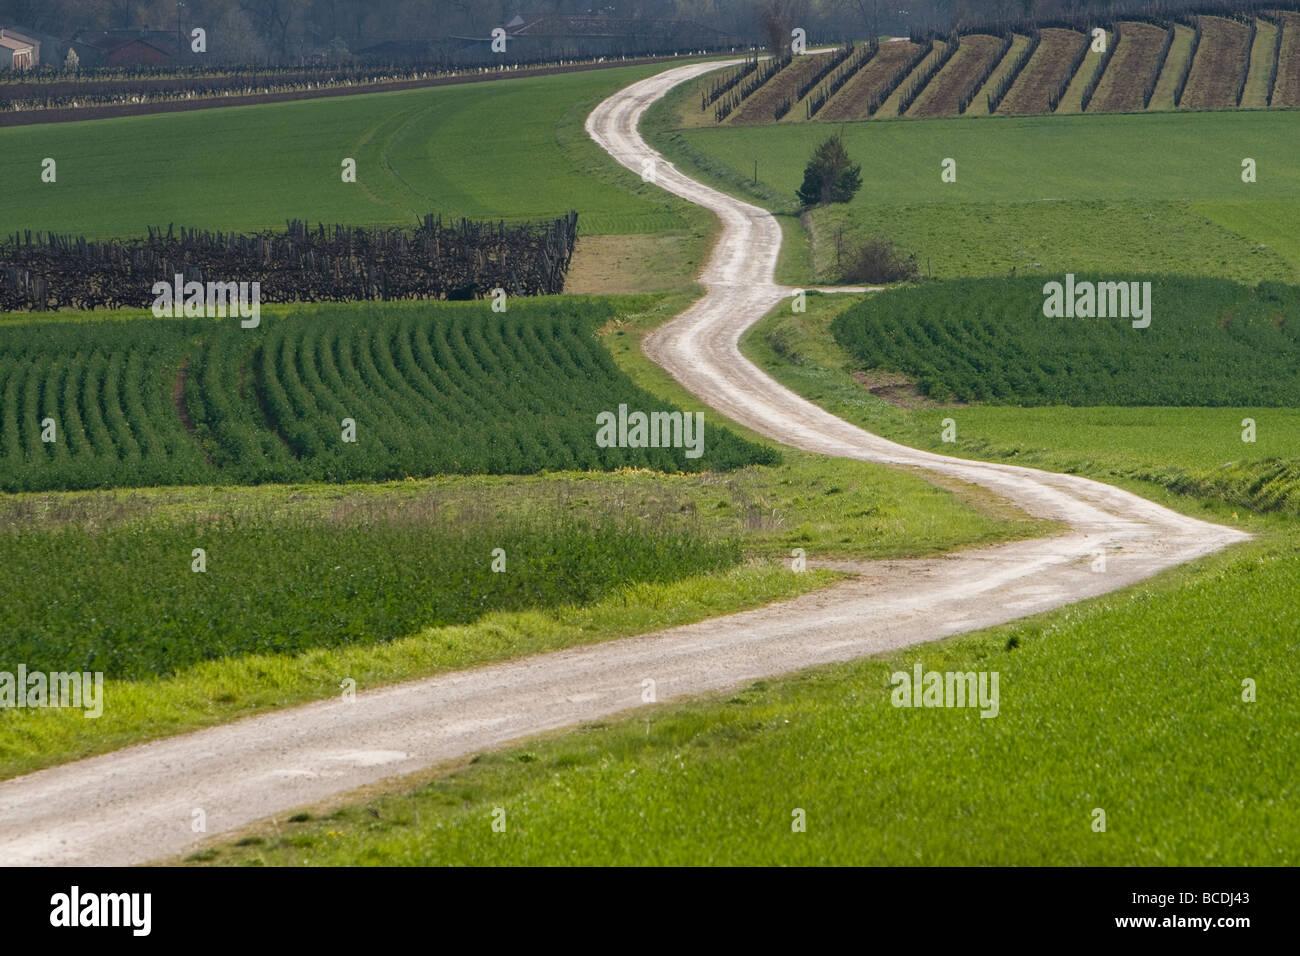 Landstraße in der Nähe von Rouillac Poitou Charente Frankreich Stockbild